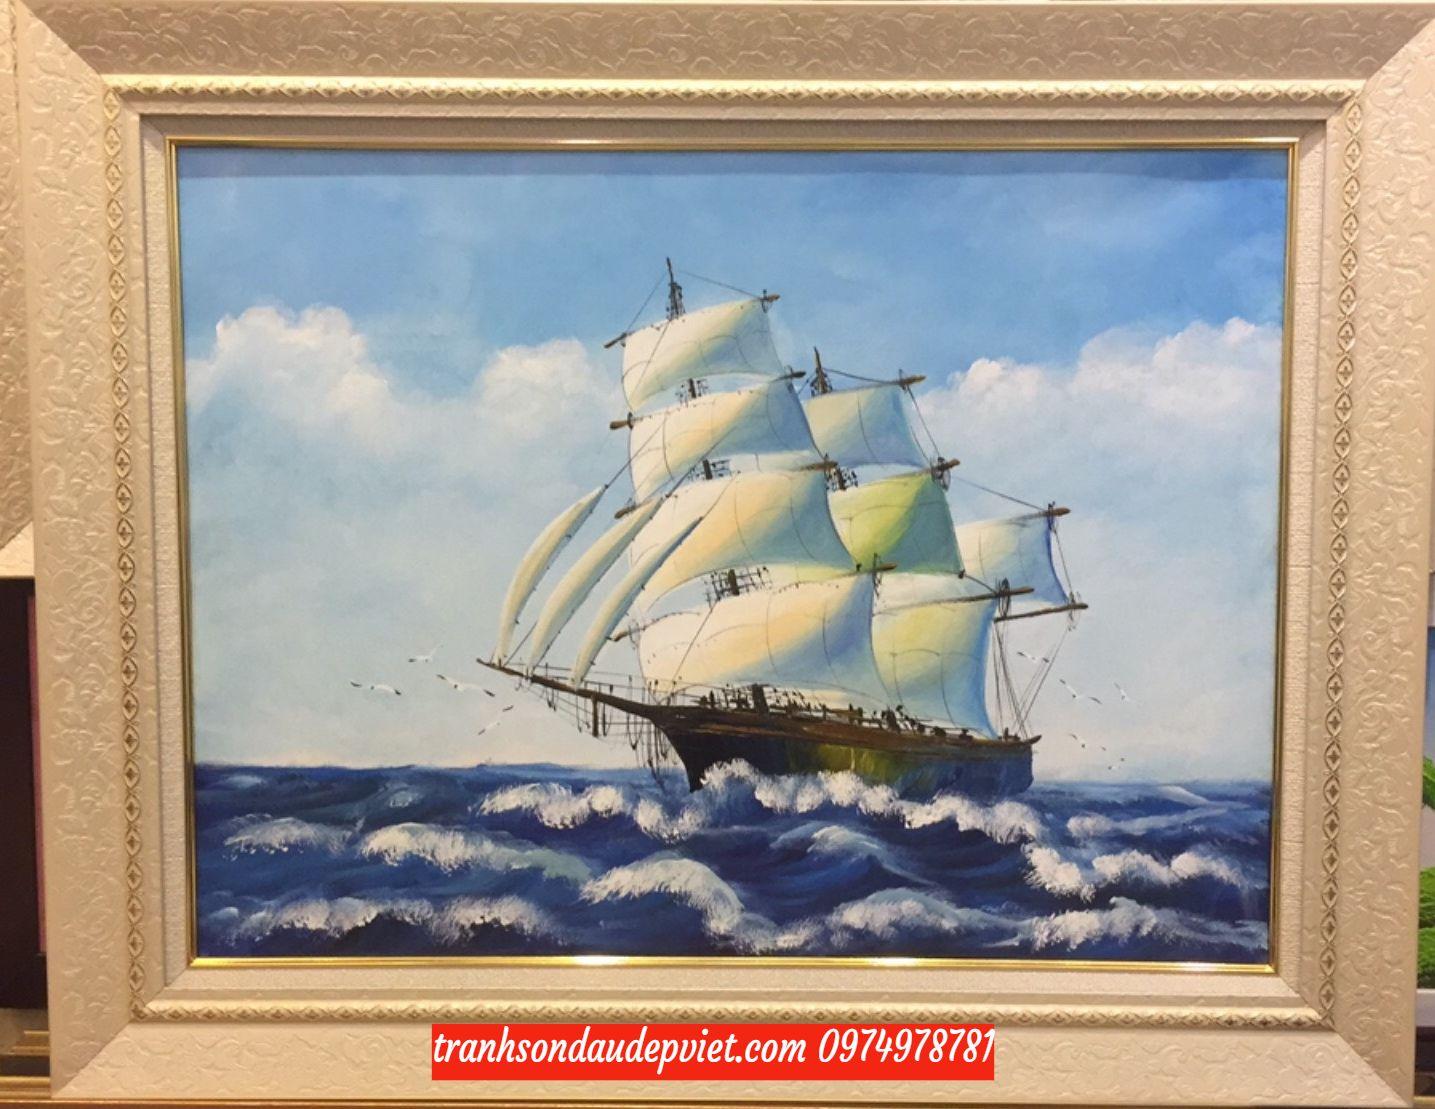 Tranh thuận buồm xuôi gió, tranh vẽ sơn dầu đẹp SB088